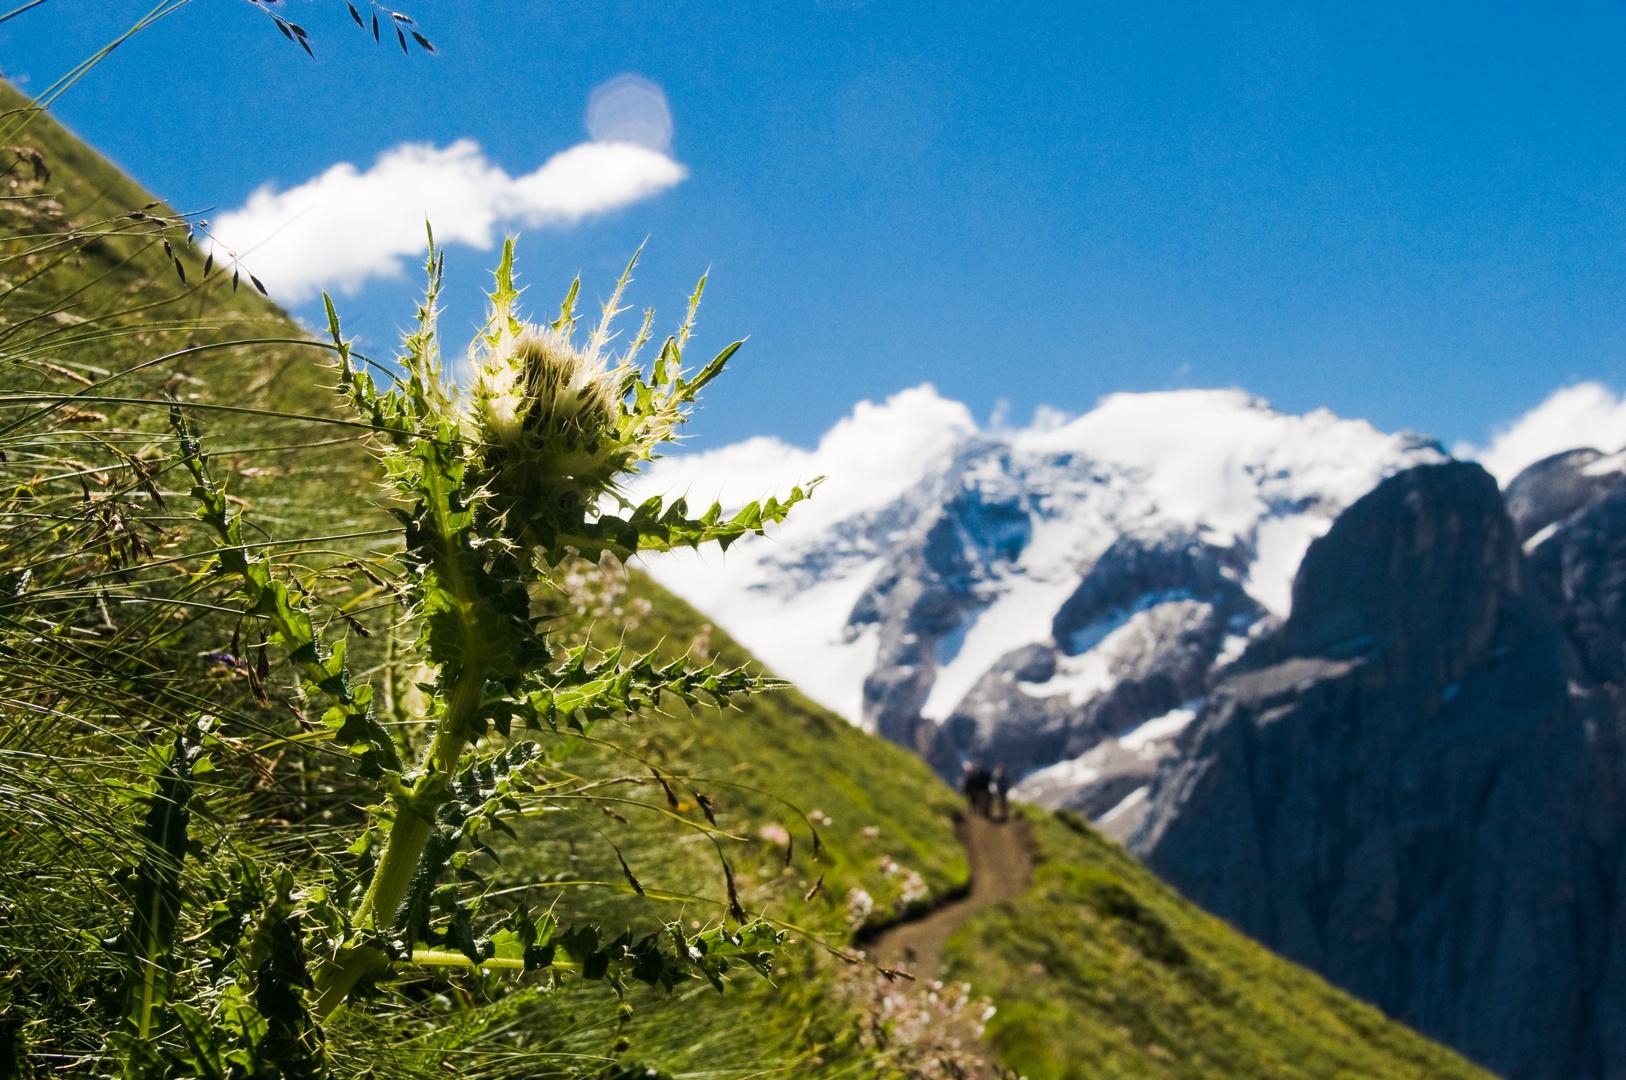 Silberdistel an der Marmolada (Dolomiten)